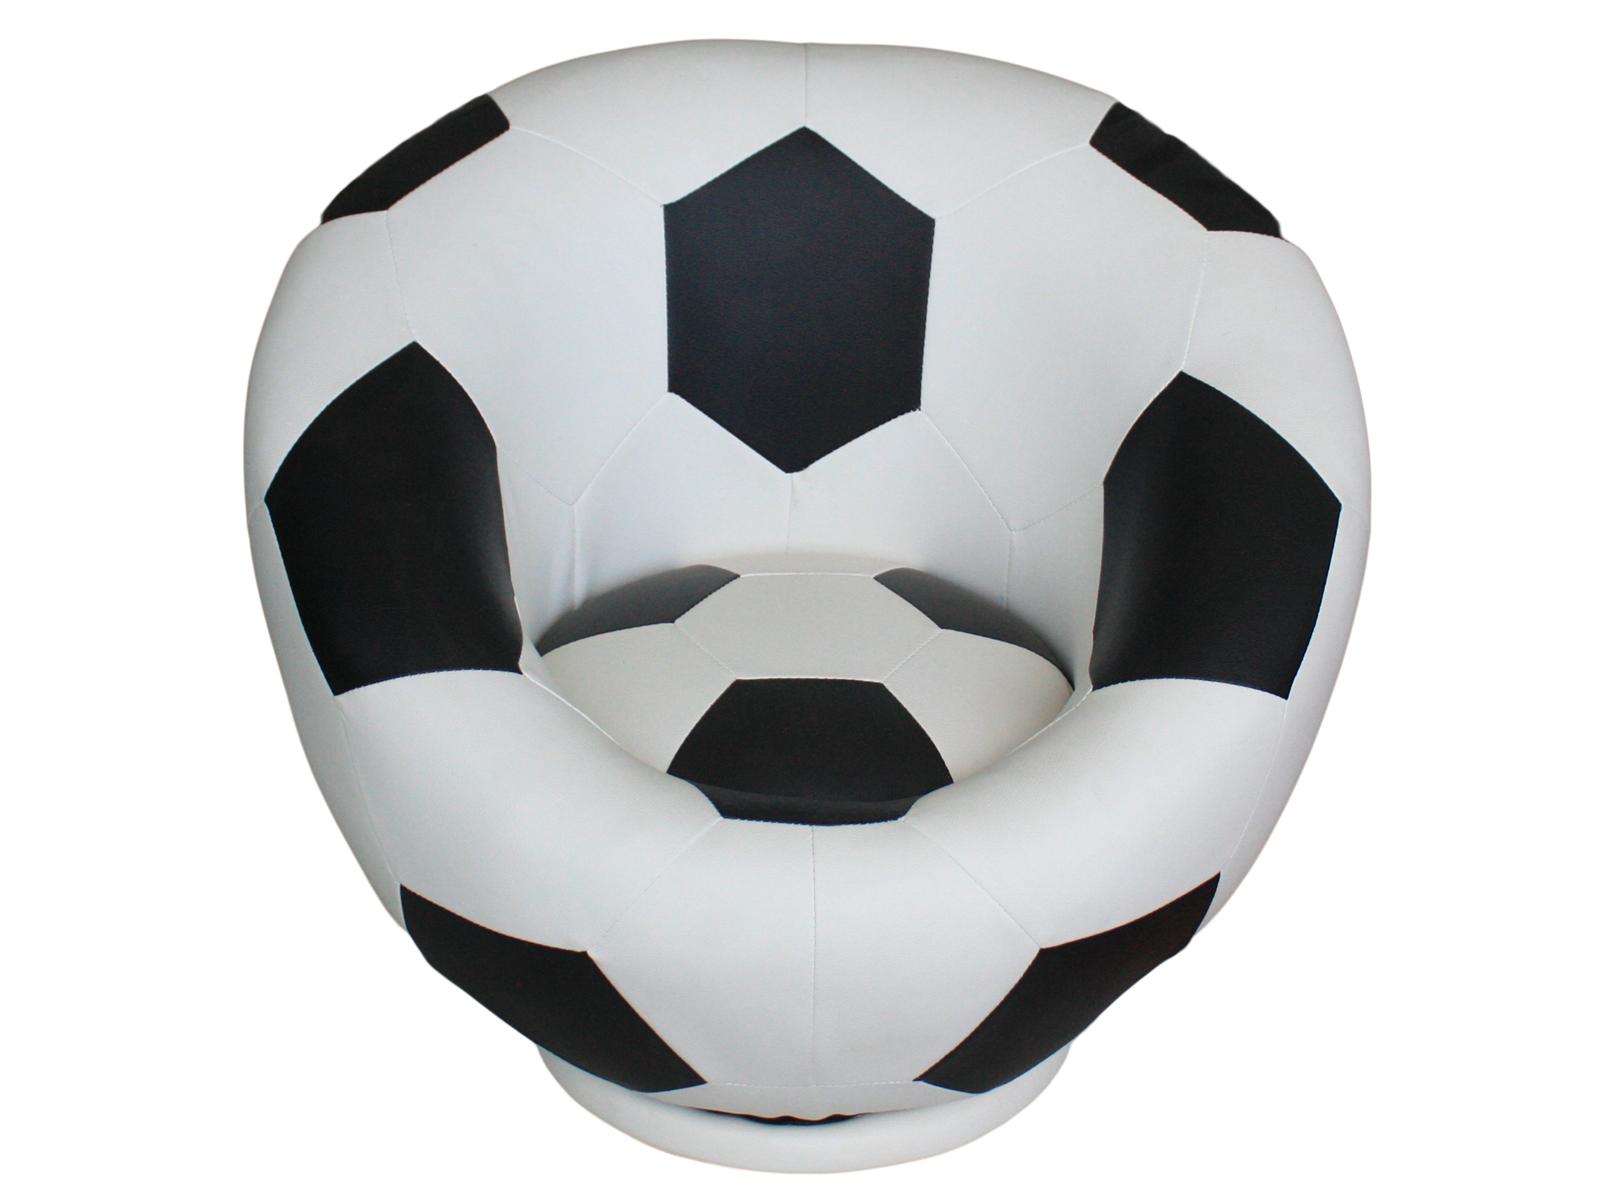 Stylowy Obrotowy Fotel Dziecięcy Z Ekoskóry Piłka Nożna Mundial 242